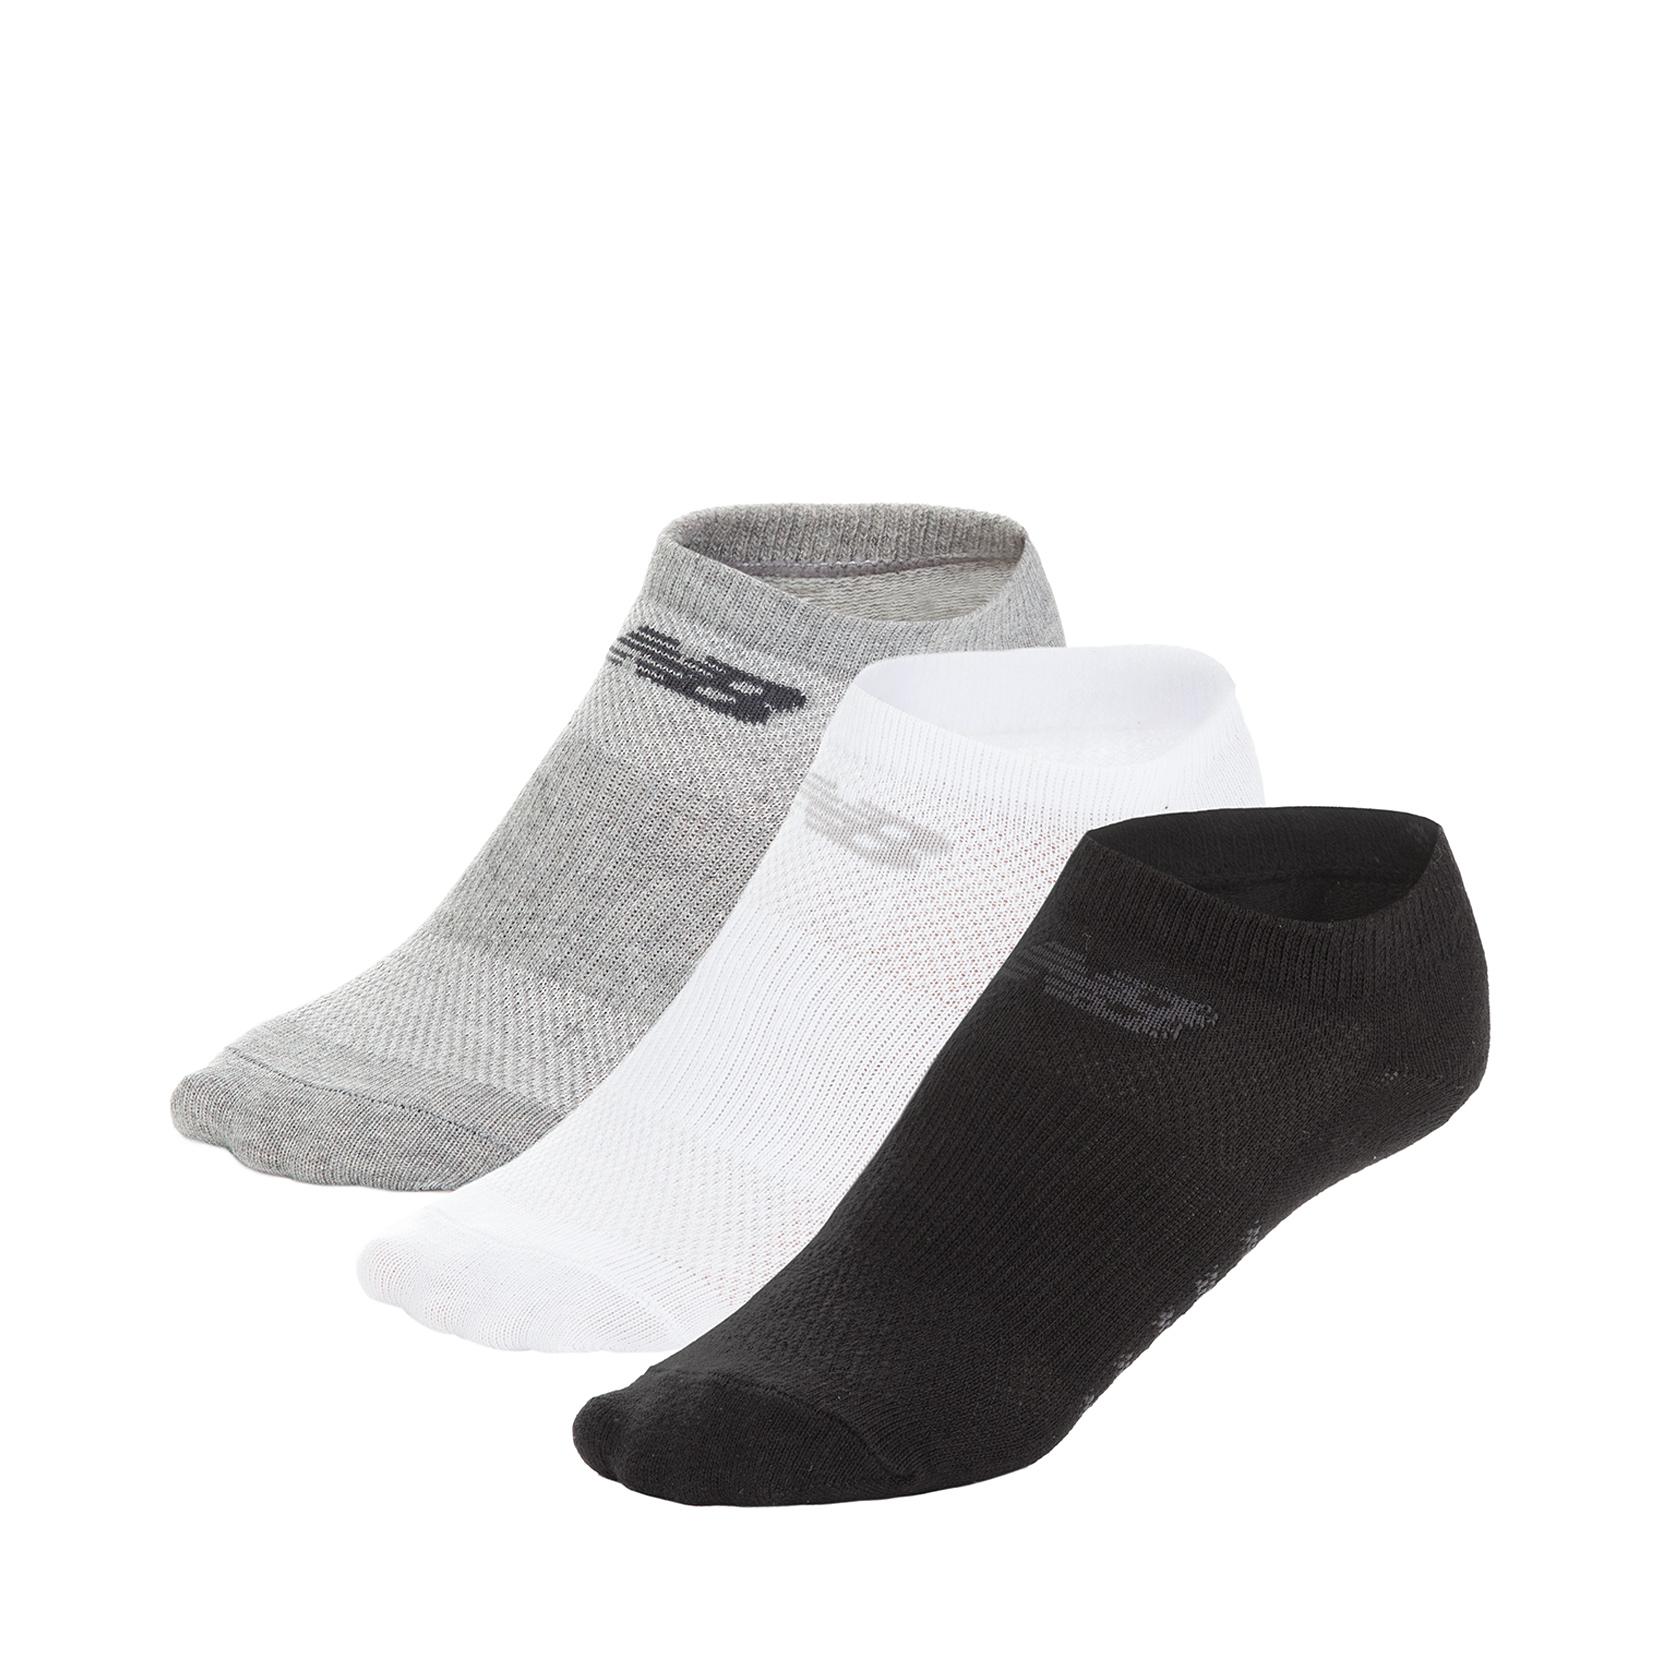 Шкарпетки No Show - Flat Knit (3 пари) N623-3EU_AST | New Balance